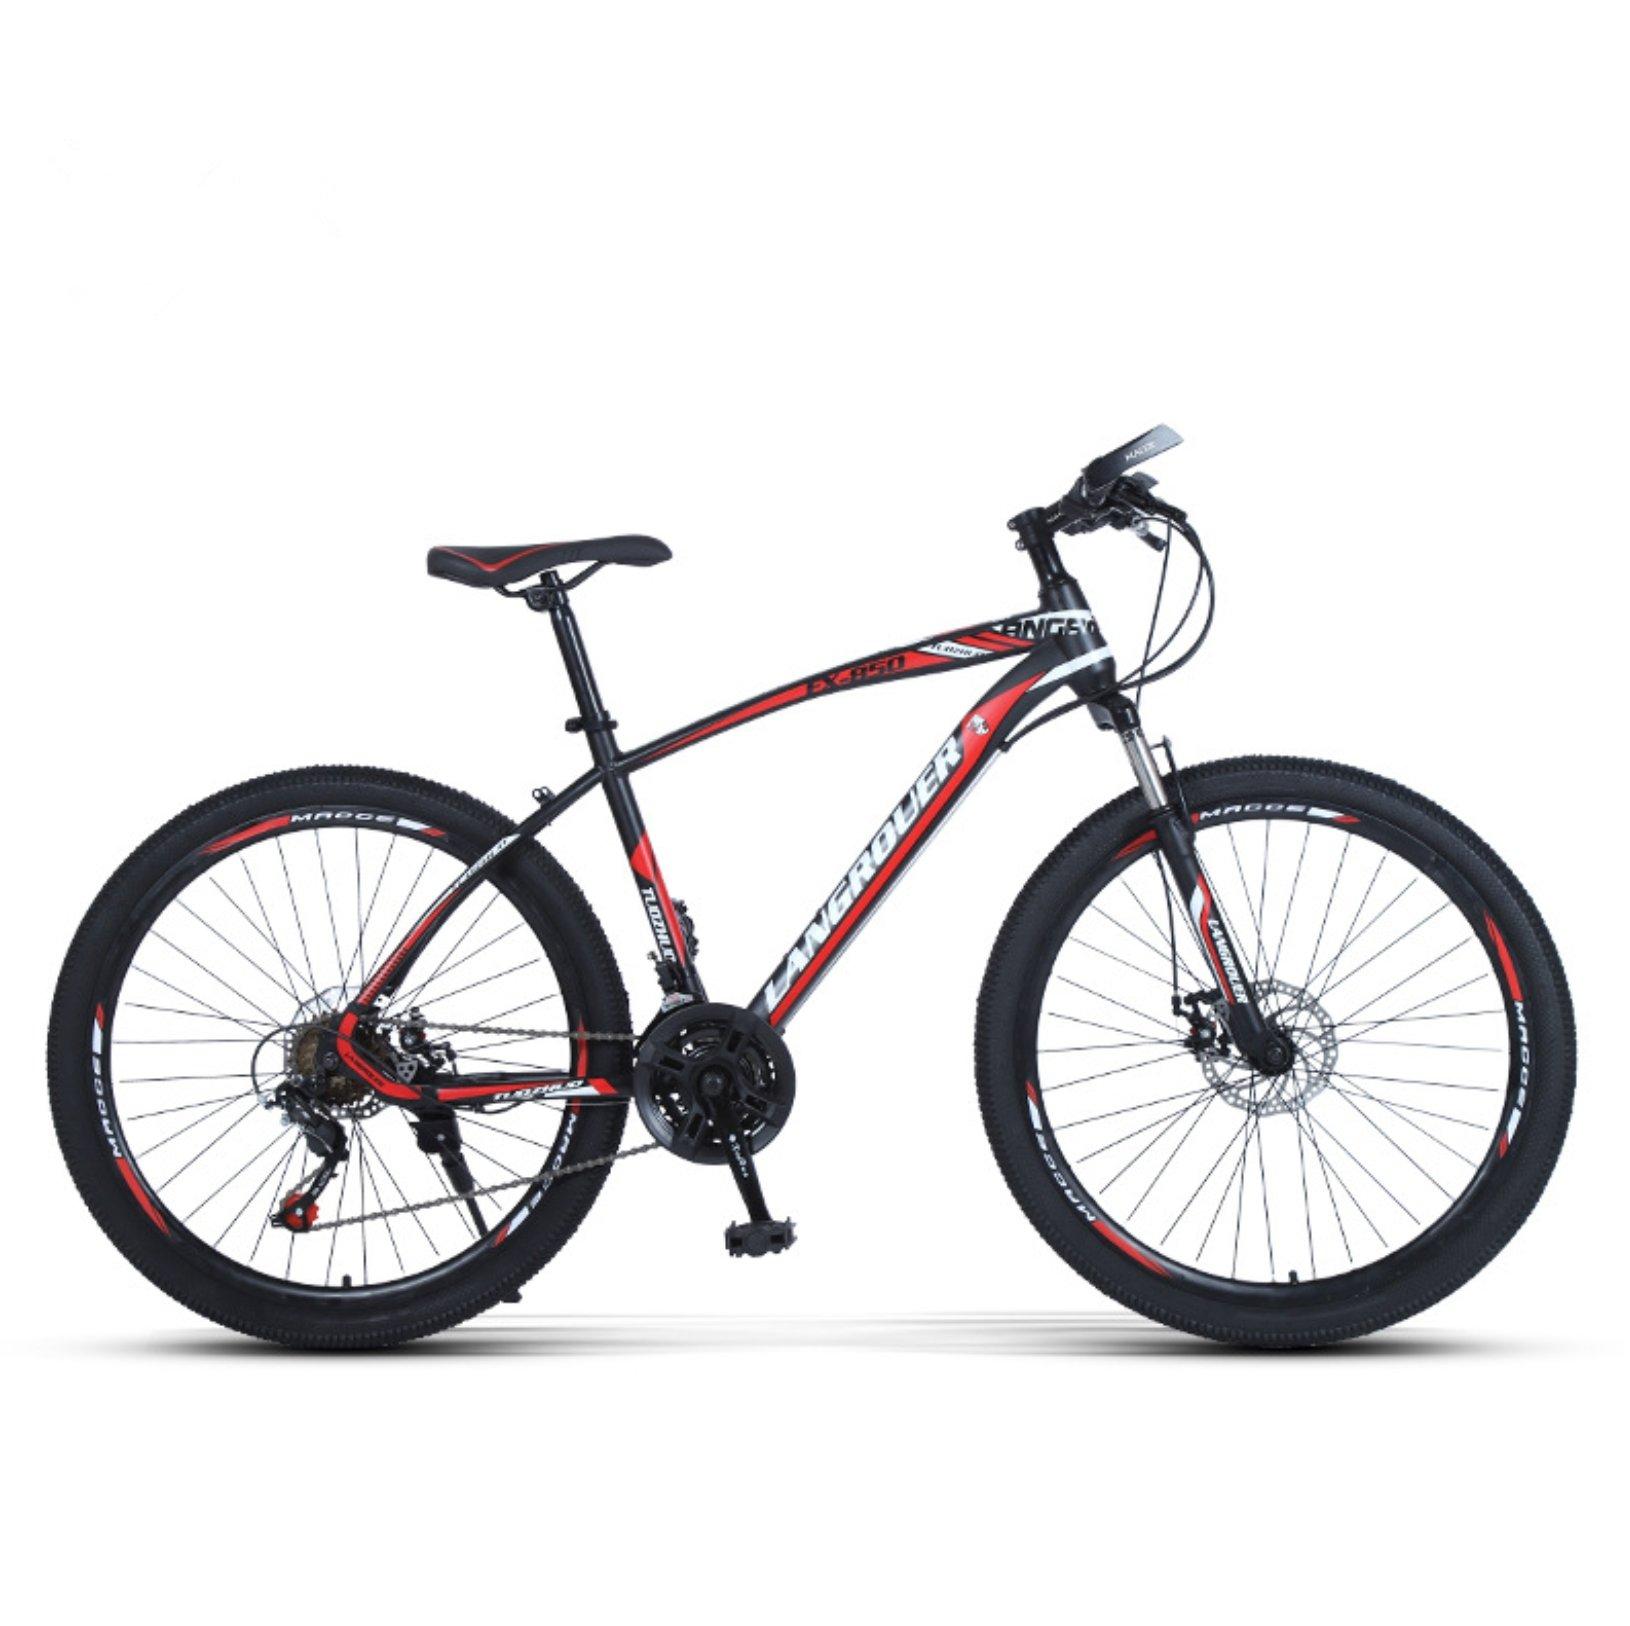 24-inch, 26-inch Wolf king black red spoke wheels mountain bike 21, 24, 27 speed